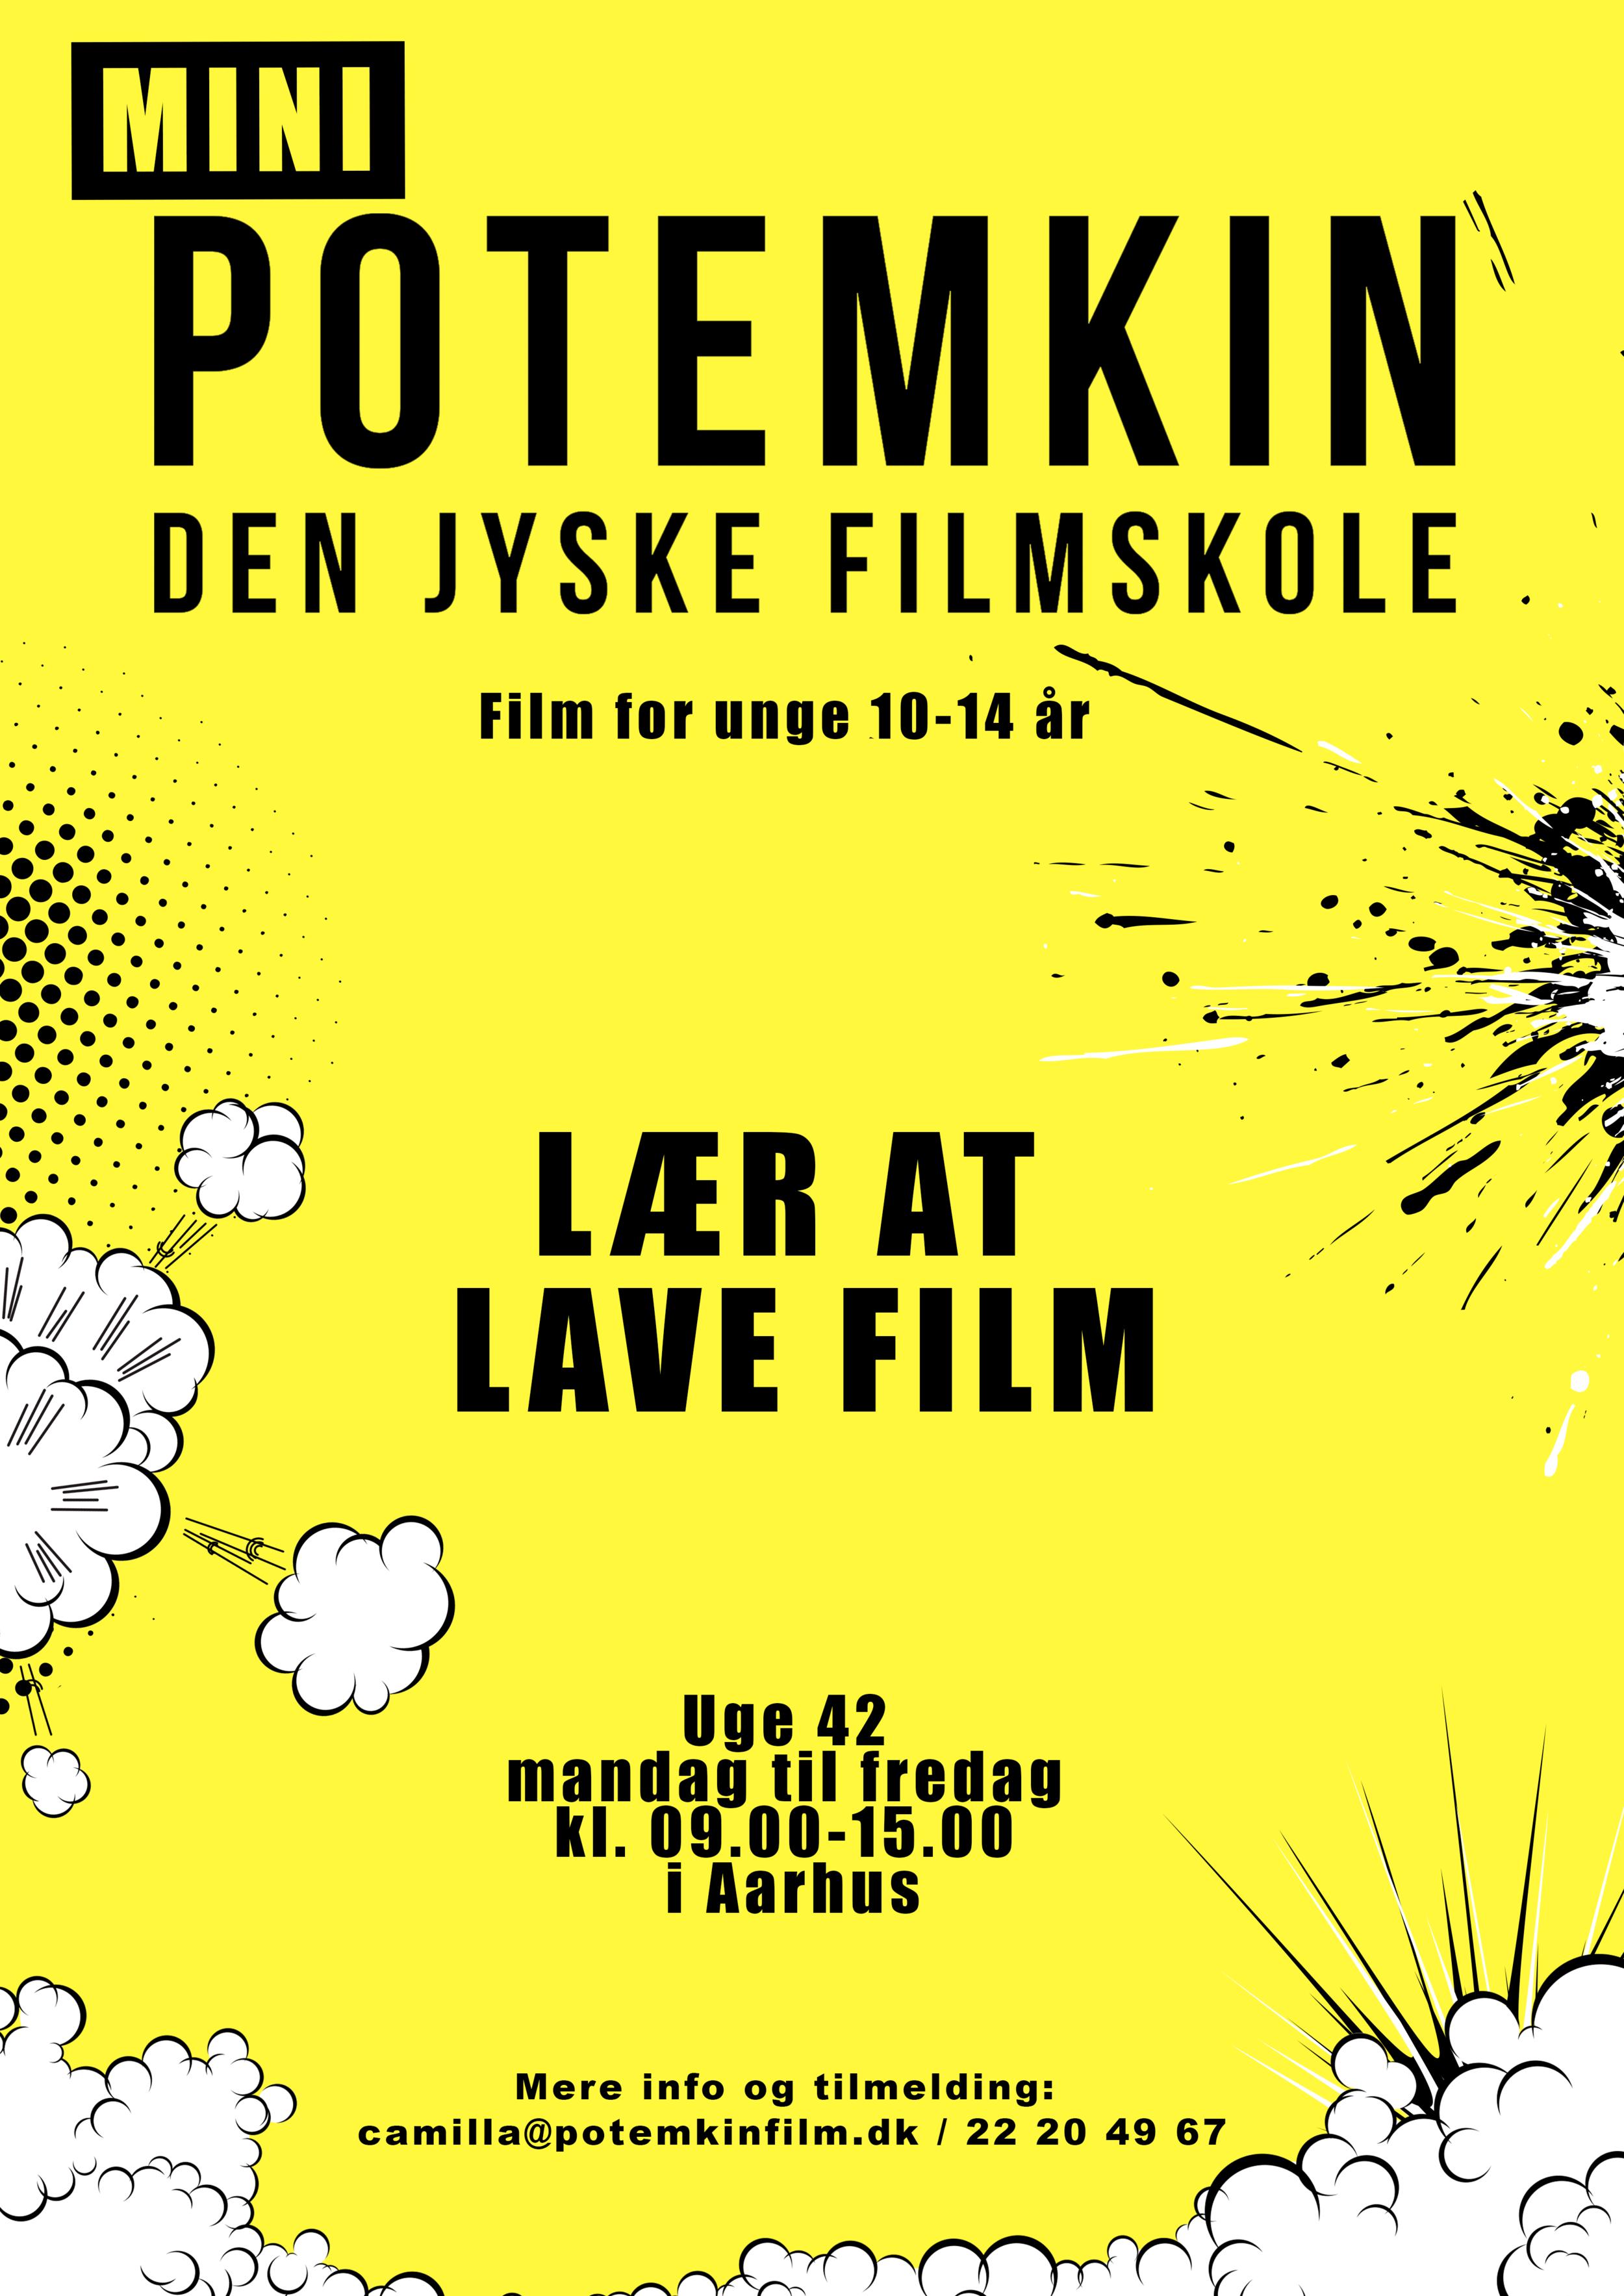 Mini_Potemkin_Plakat.png